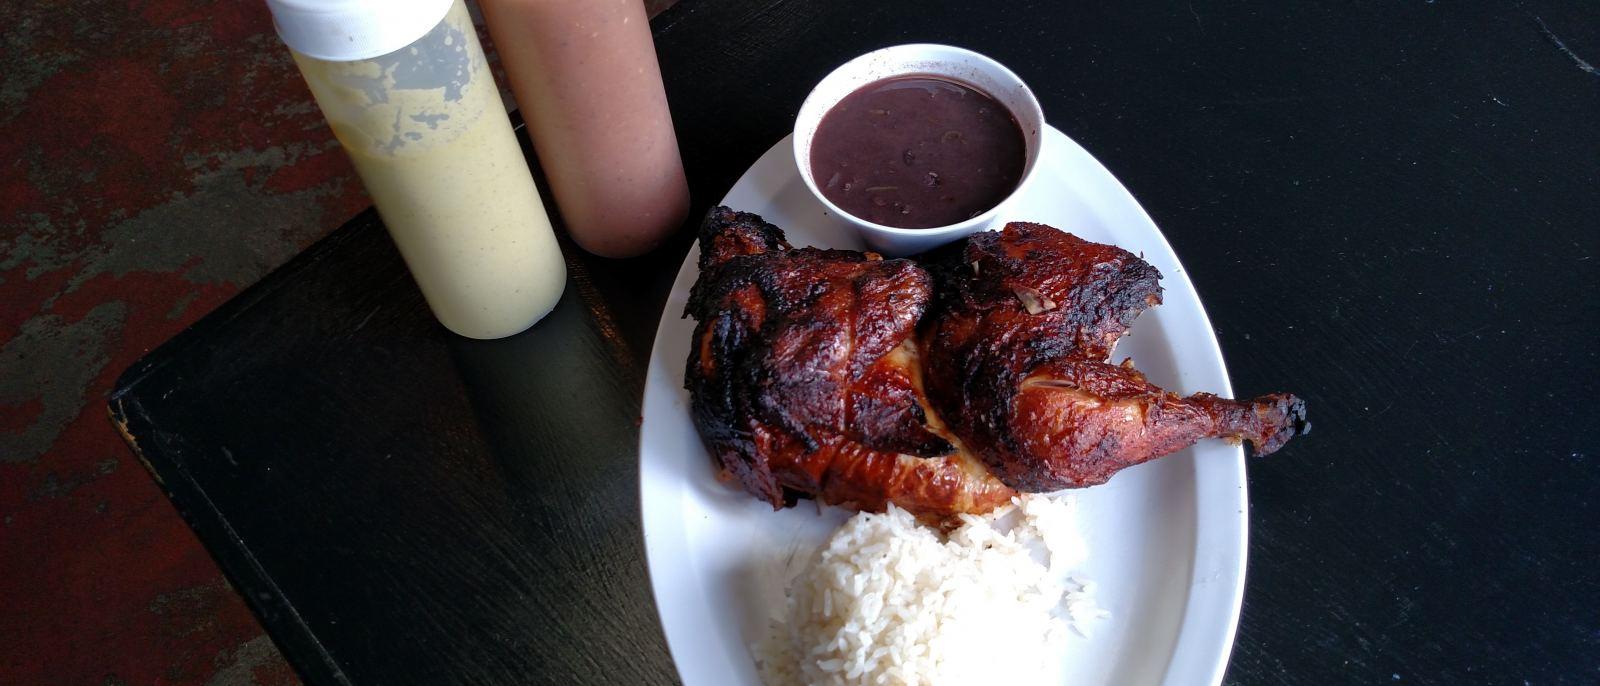 Caveman Kitchen Rotisserie Chicken